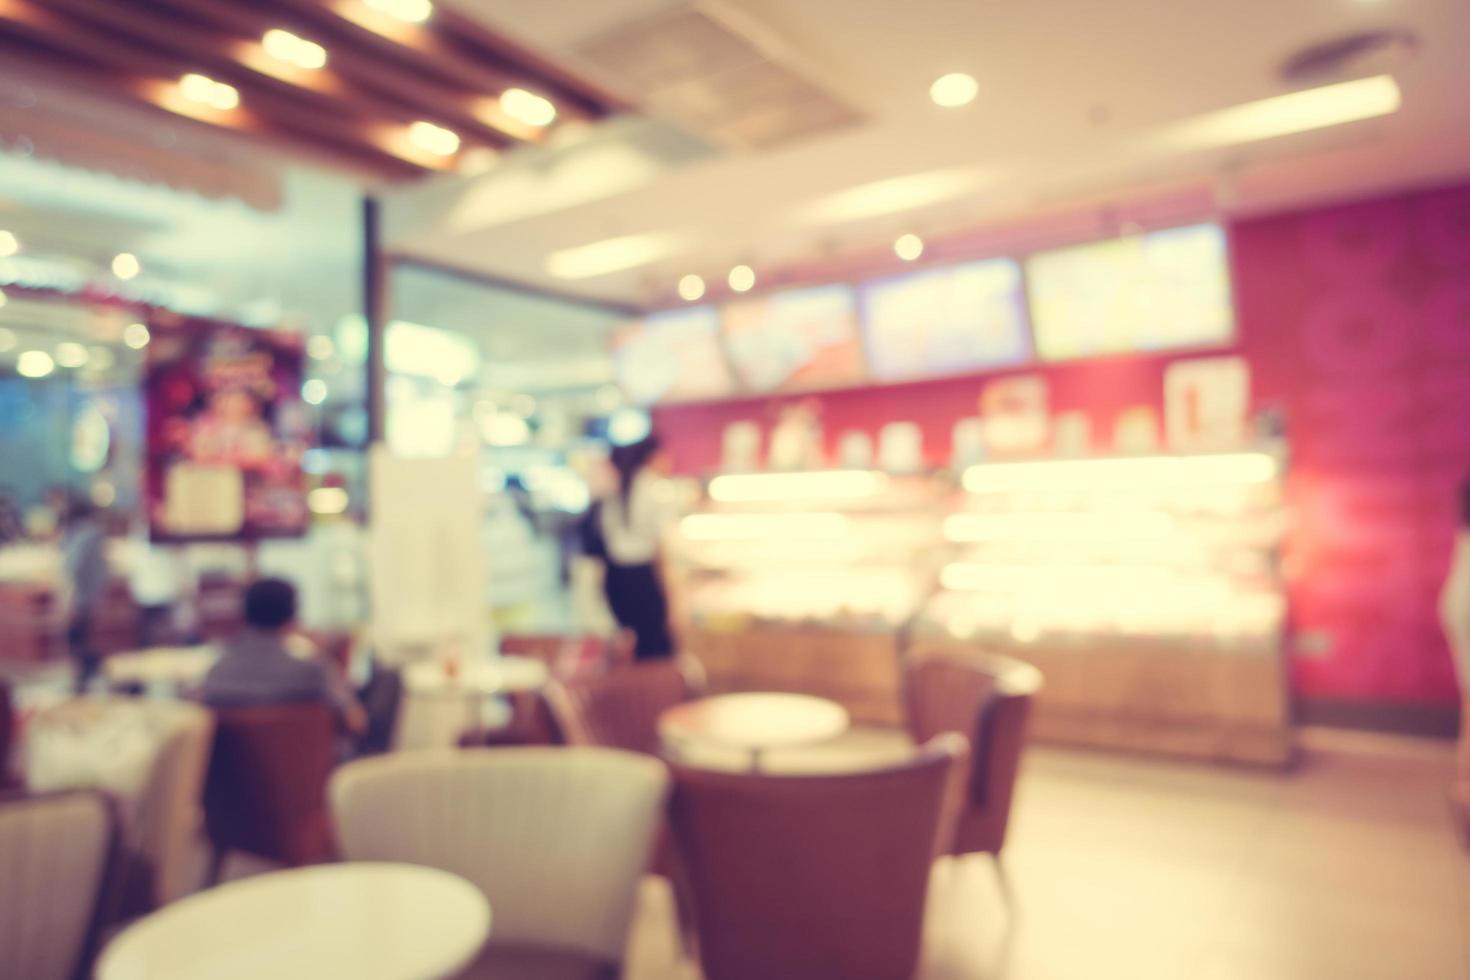 restaurante borroso abstracto y cafetería cafetería foto